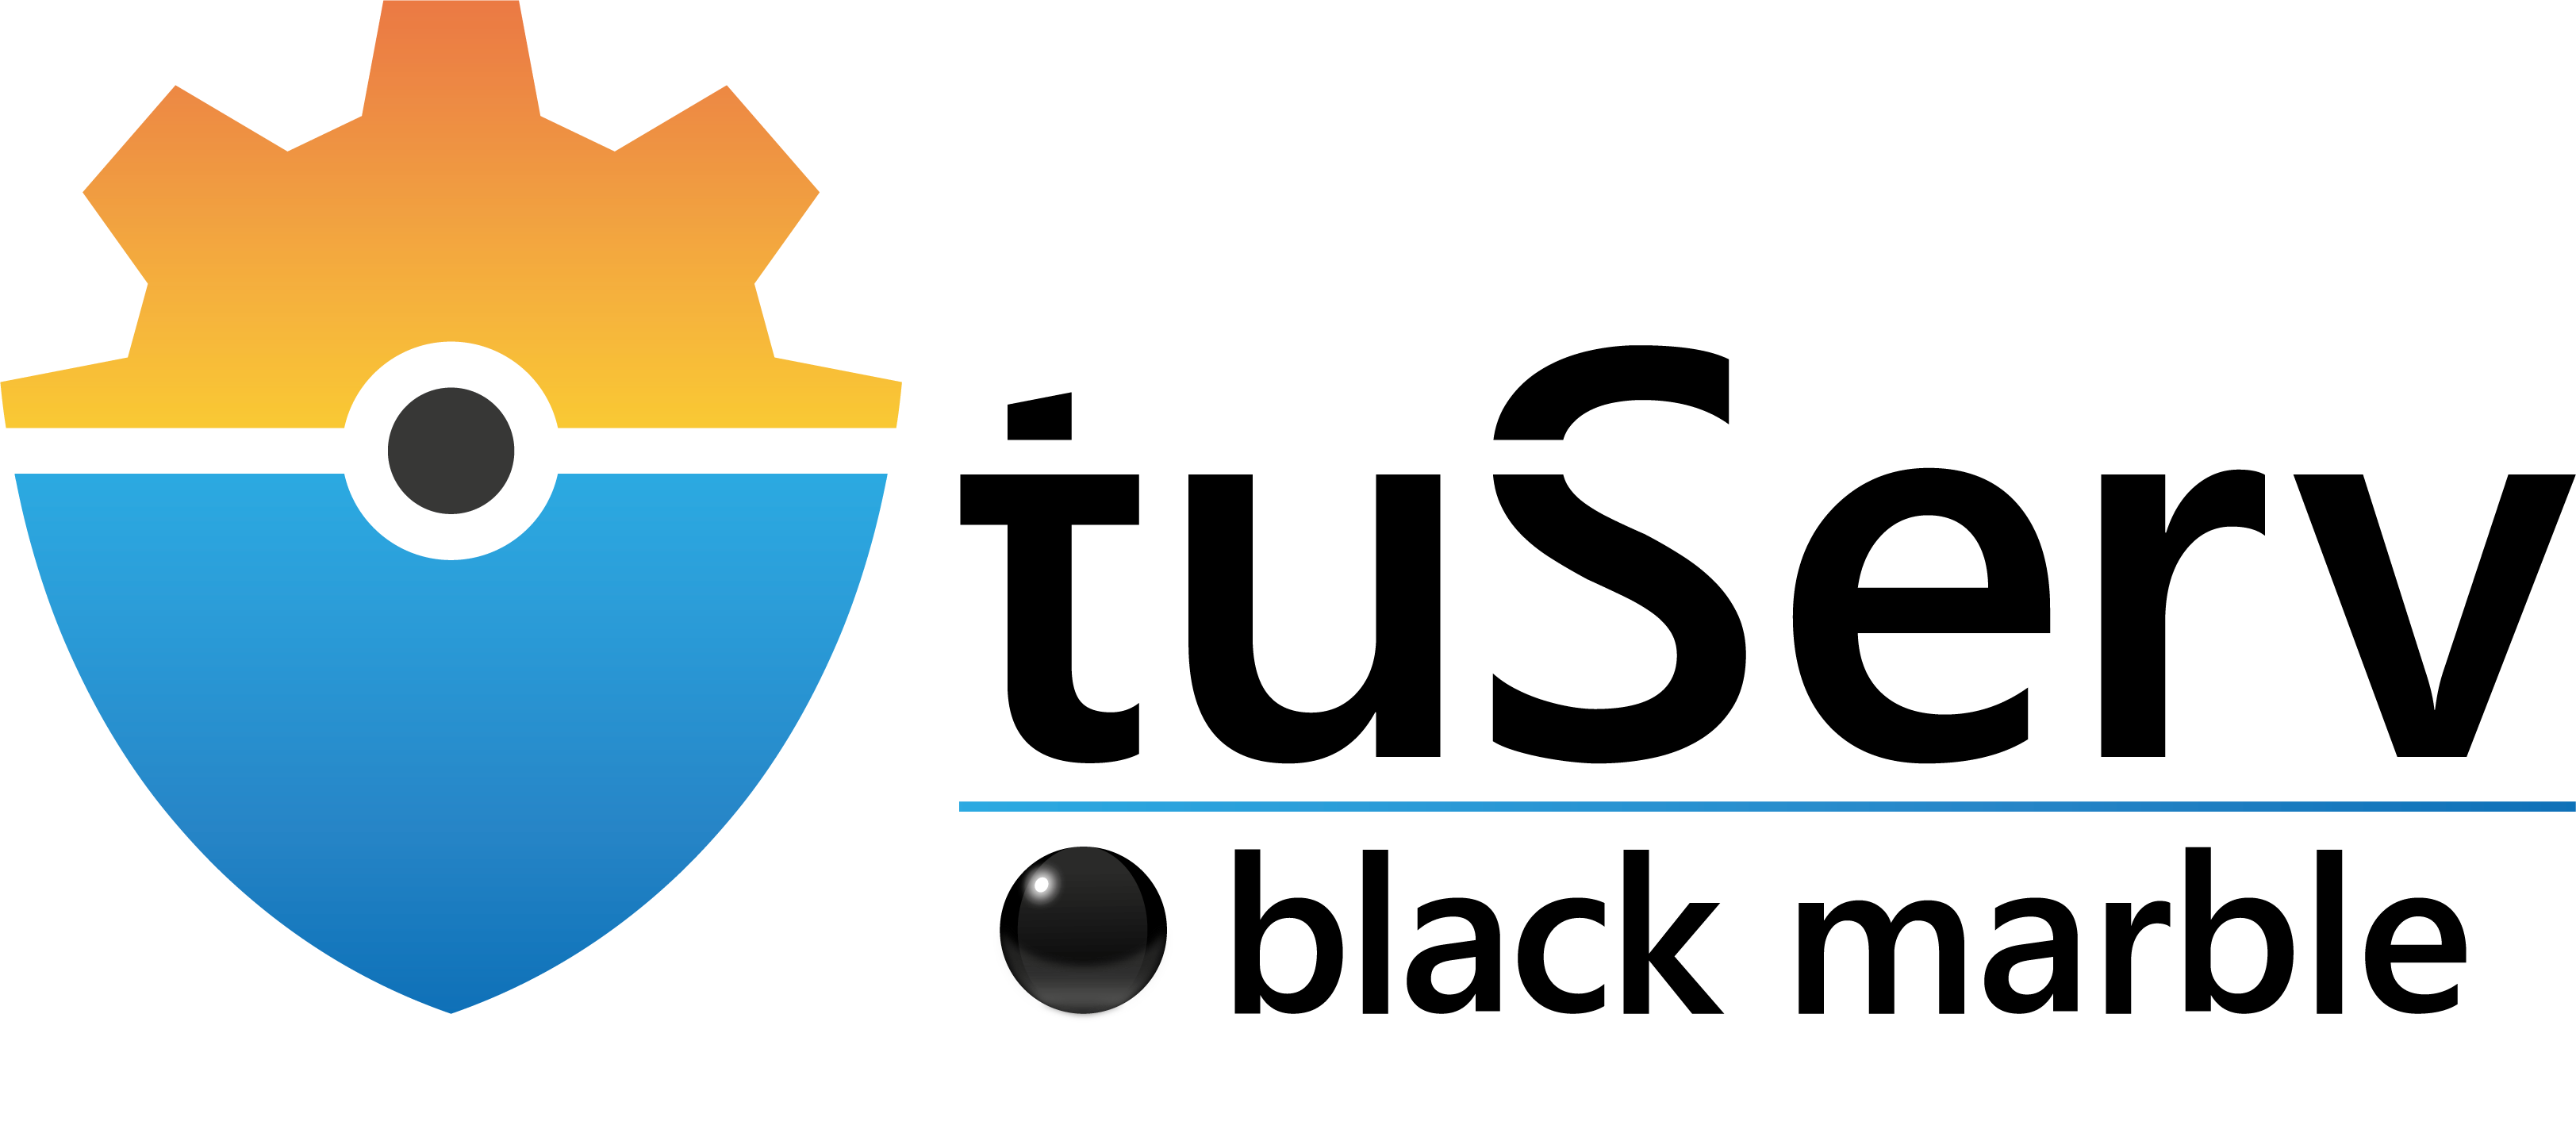 Logo tuServ black